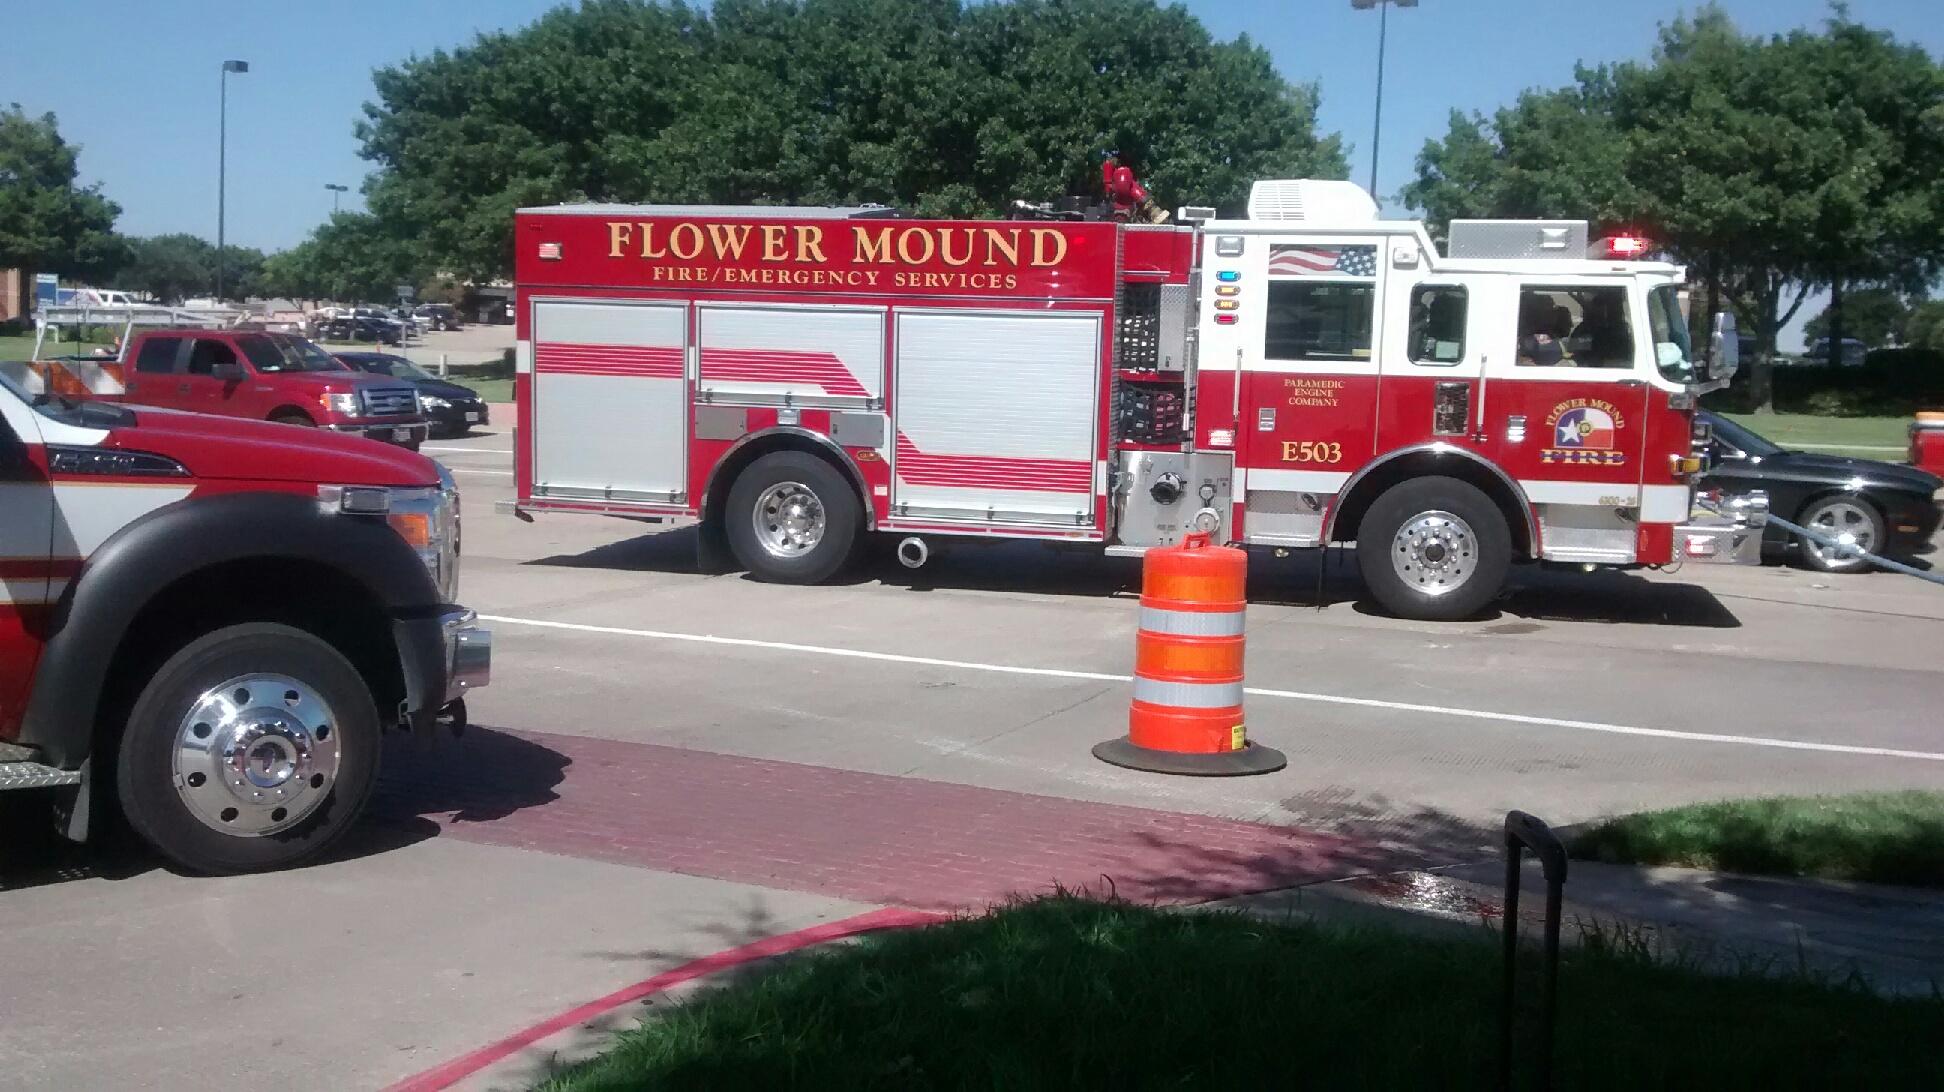 FMFD offers Citizens Fire Academy